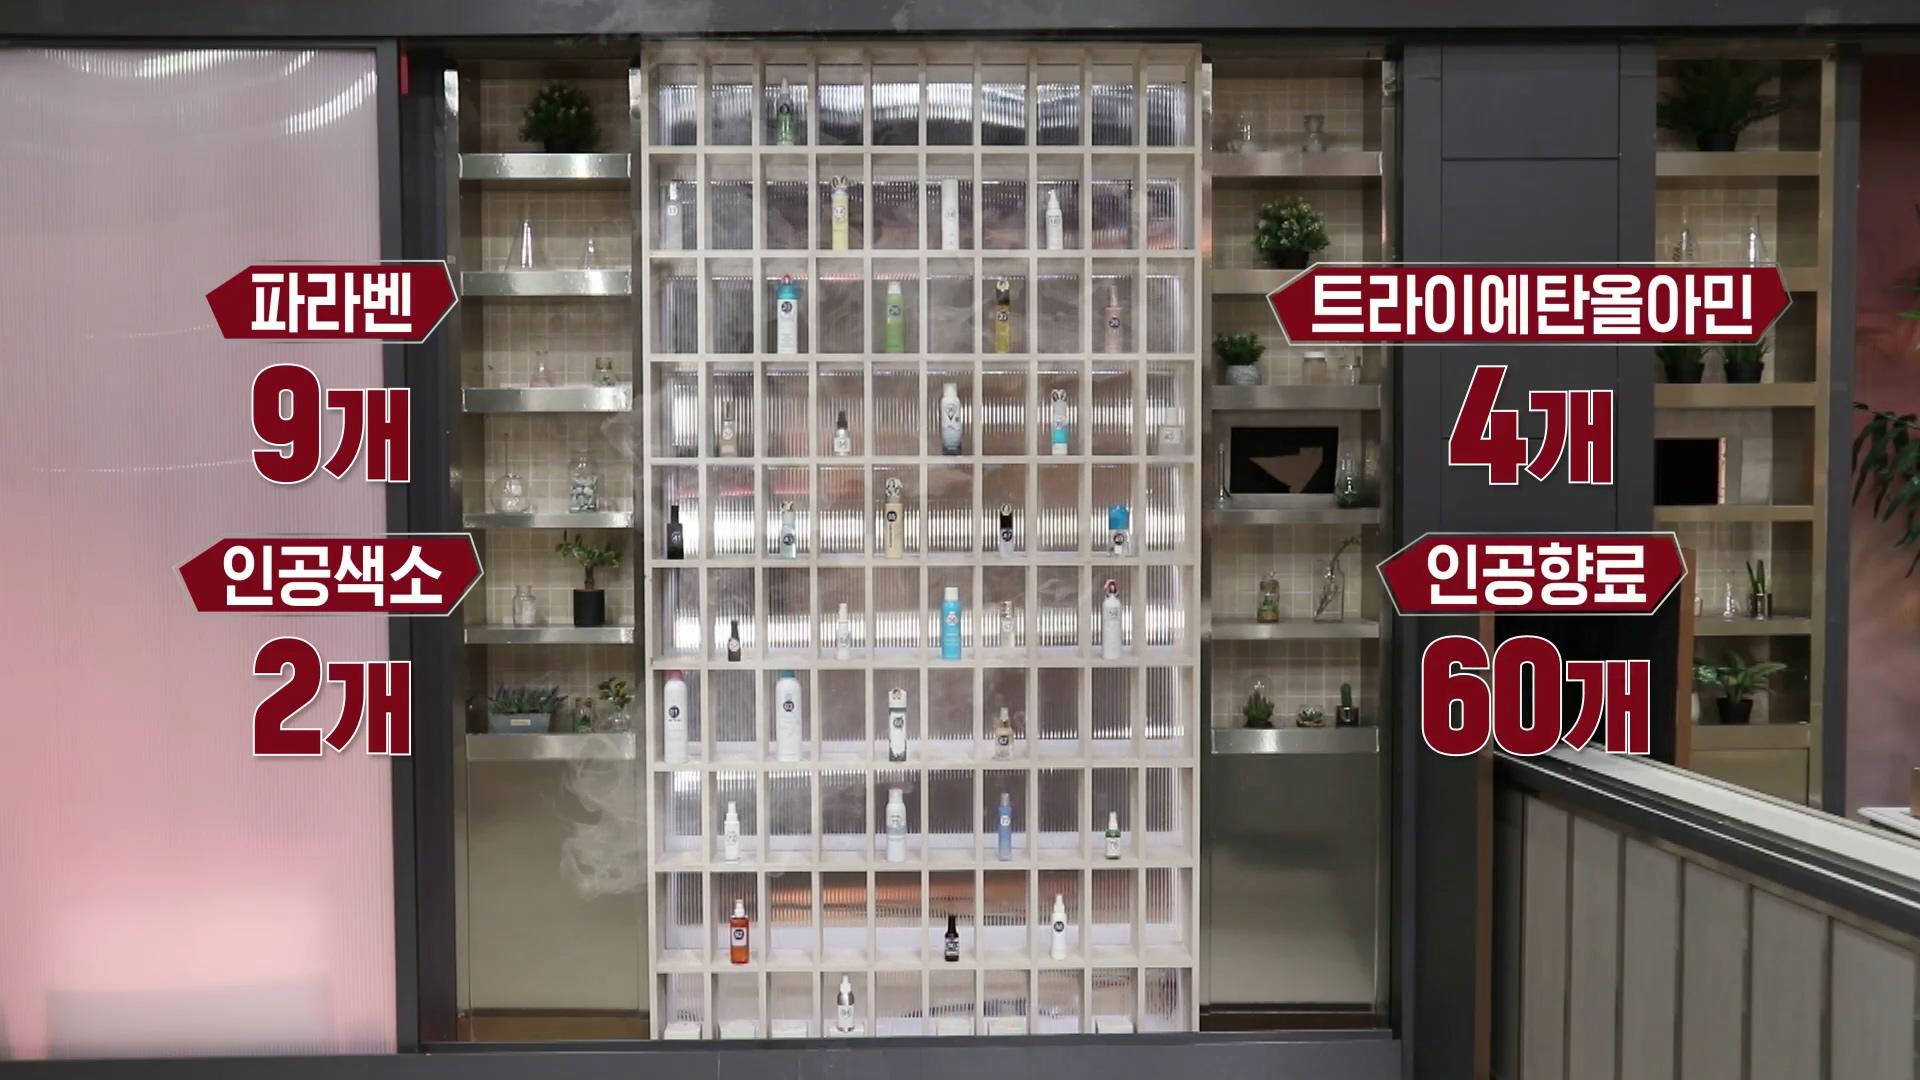 필터링 결과! 파라벤이 함유된 제품: 9개 인공향료가 포함된 제품: 60개 트라이에탄올아민이 포함된 제품 : 4개 인공색소가 포함된 제품: 2개